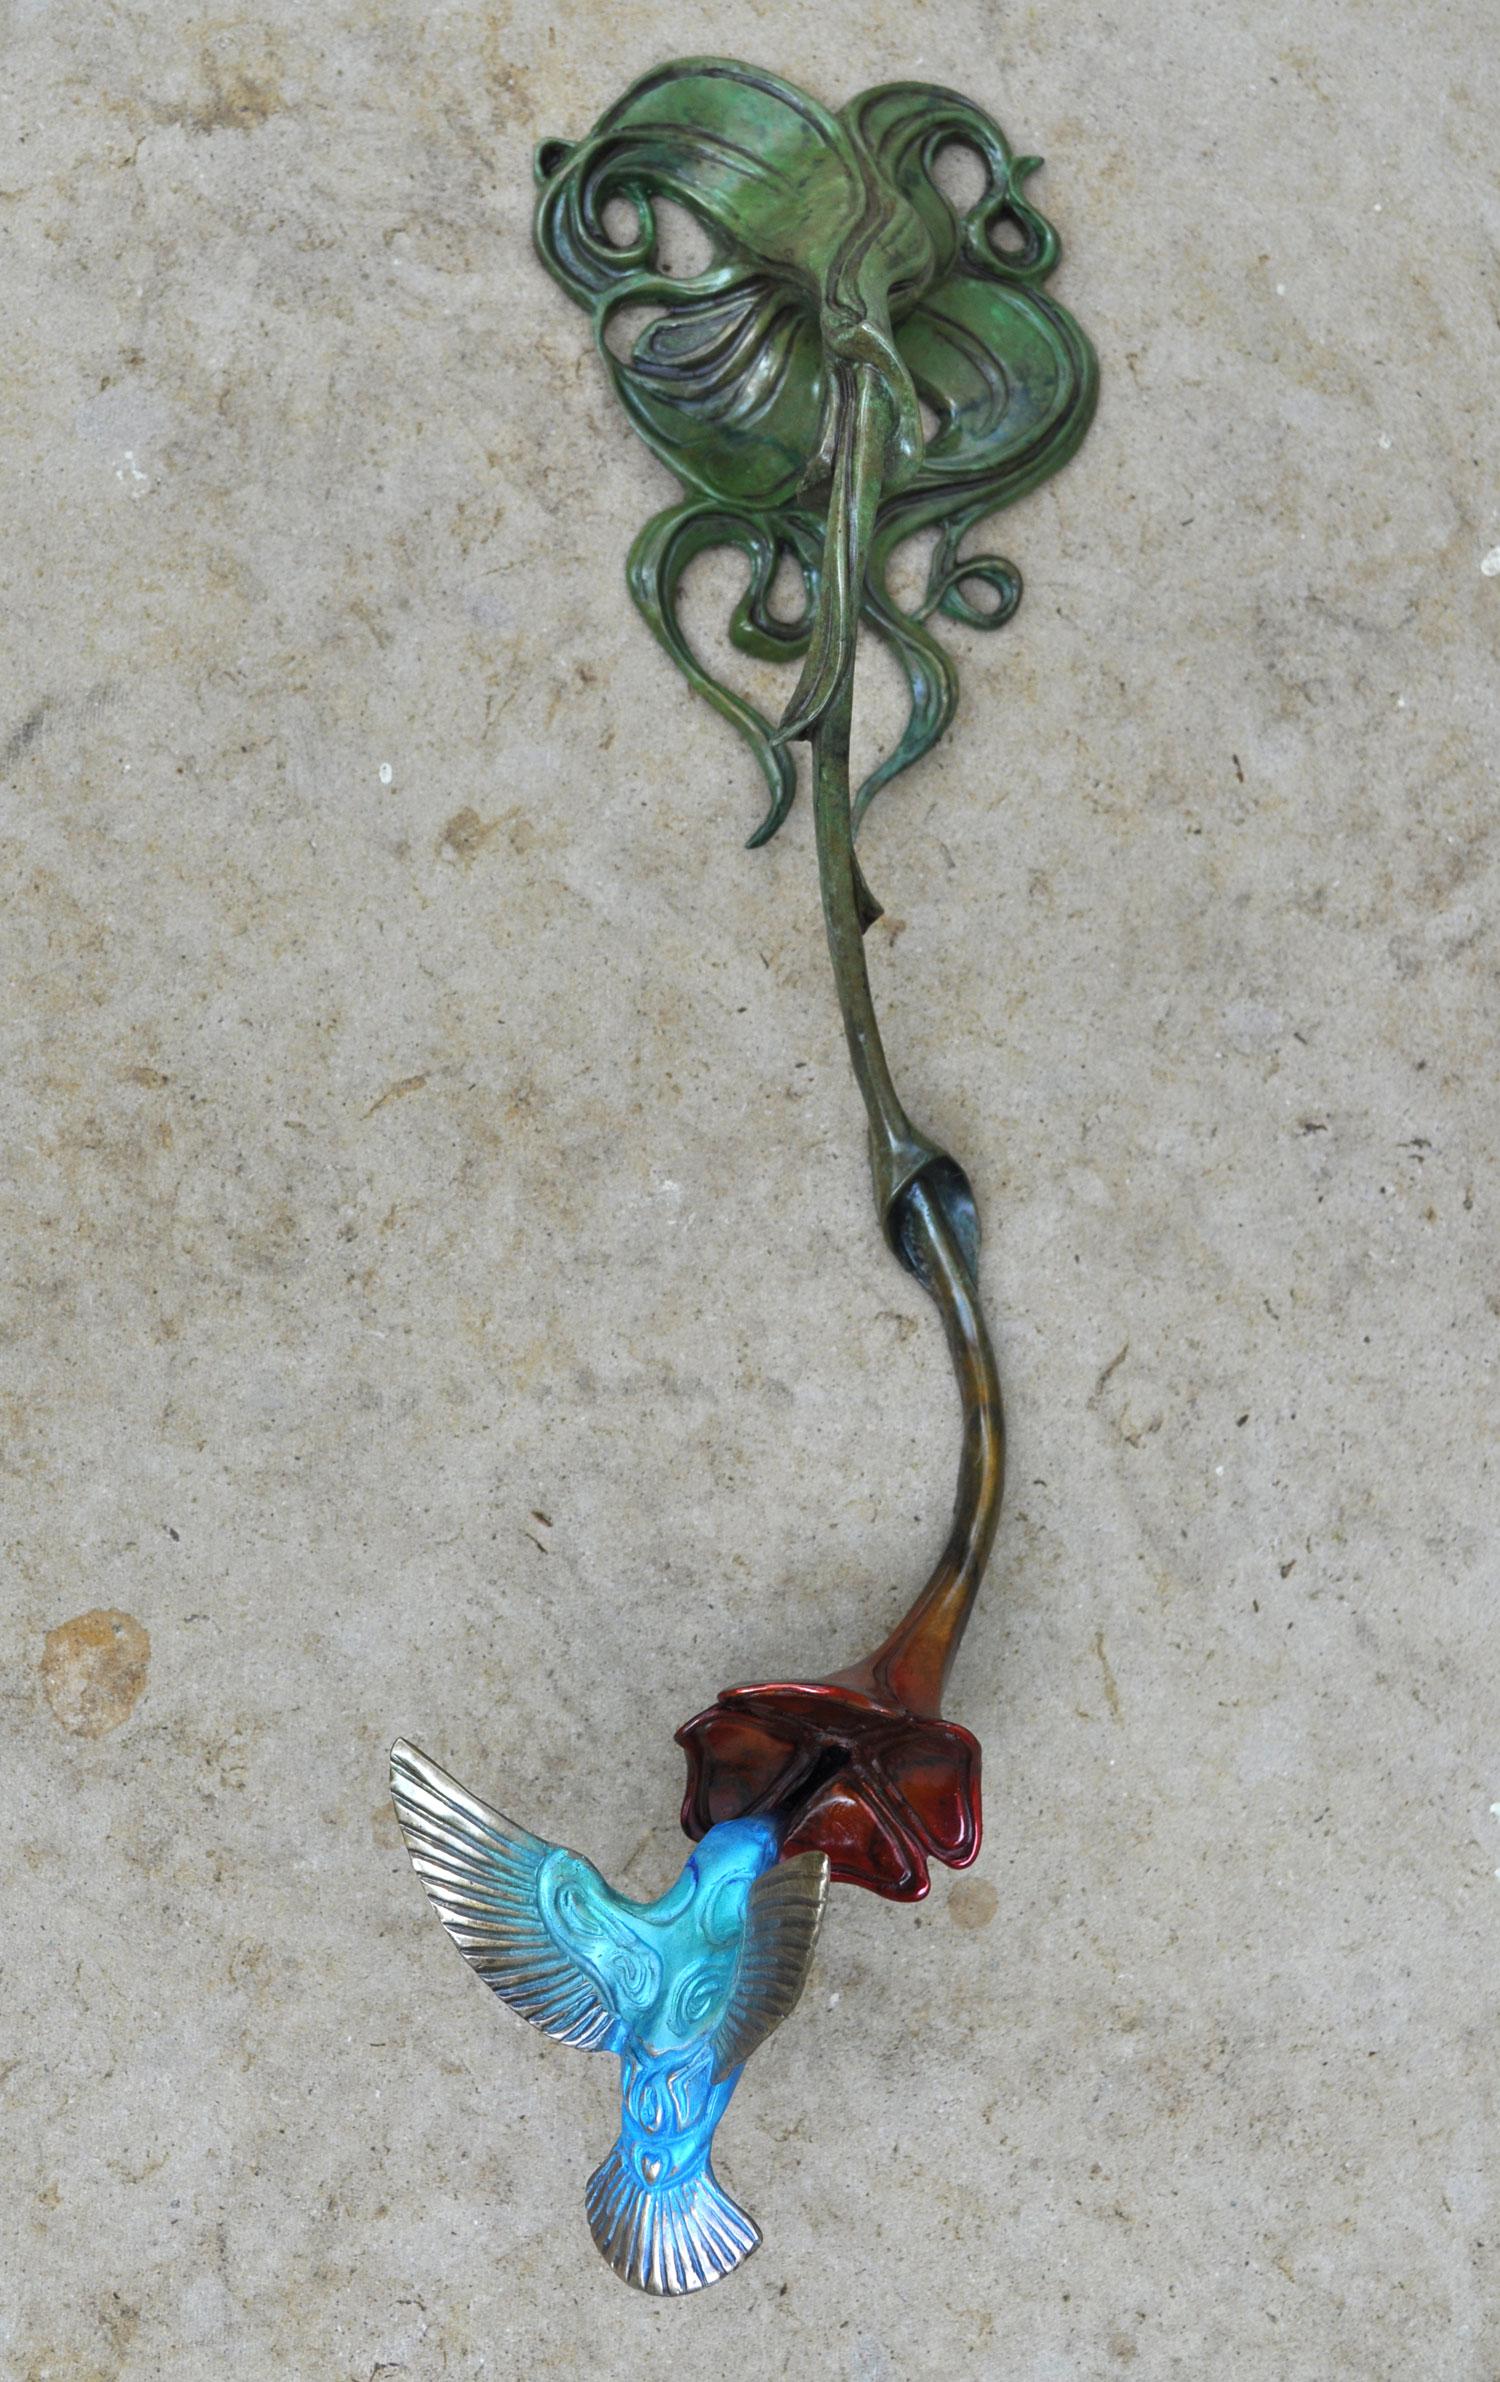 Bronze-Hummingbird-Flower-Sculpture-John-Maisano-5.jpg